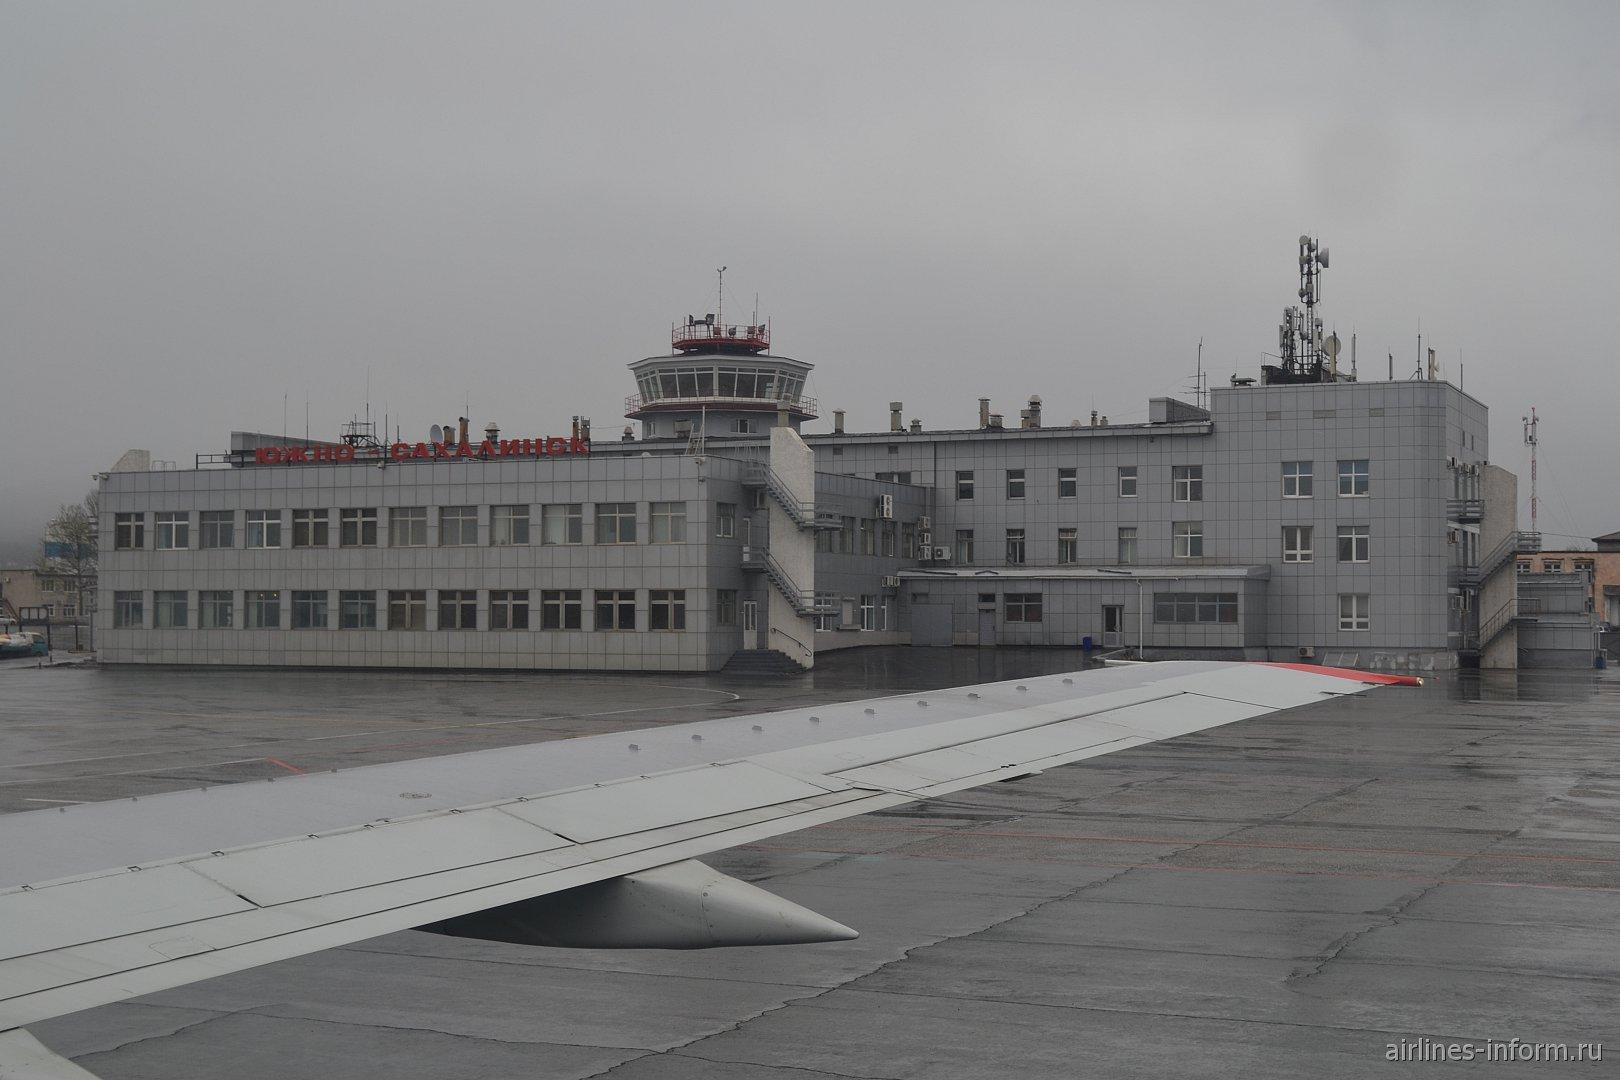 Аэровокзал аэропорта Южно-Сахалинска со стороны летного поля